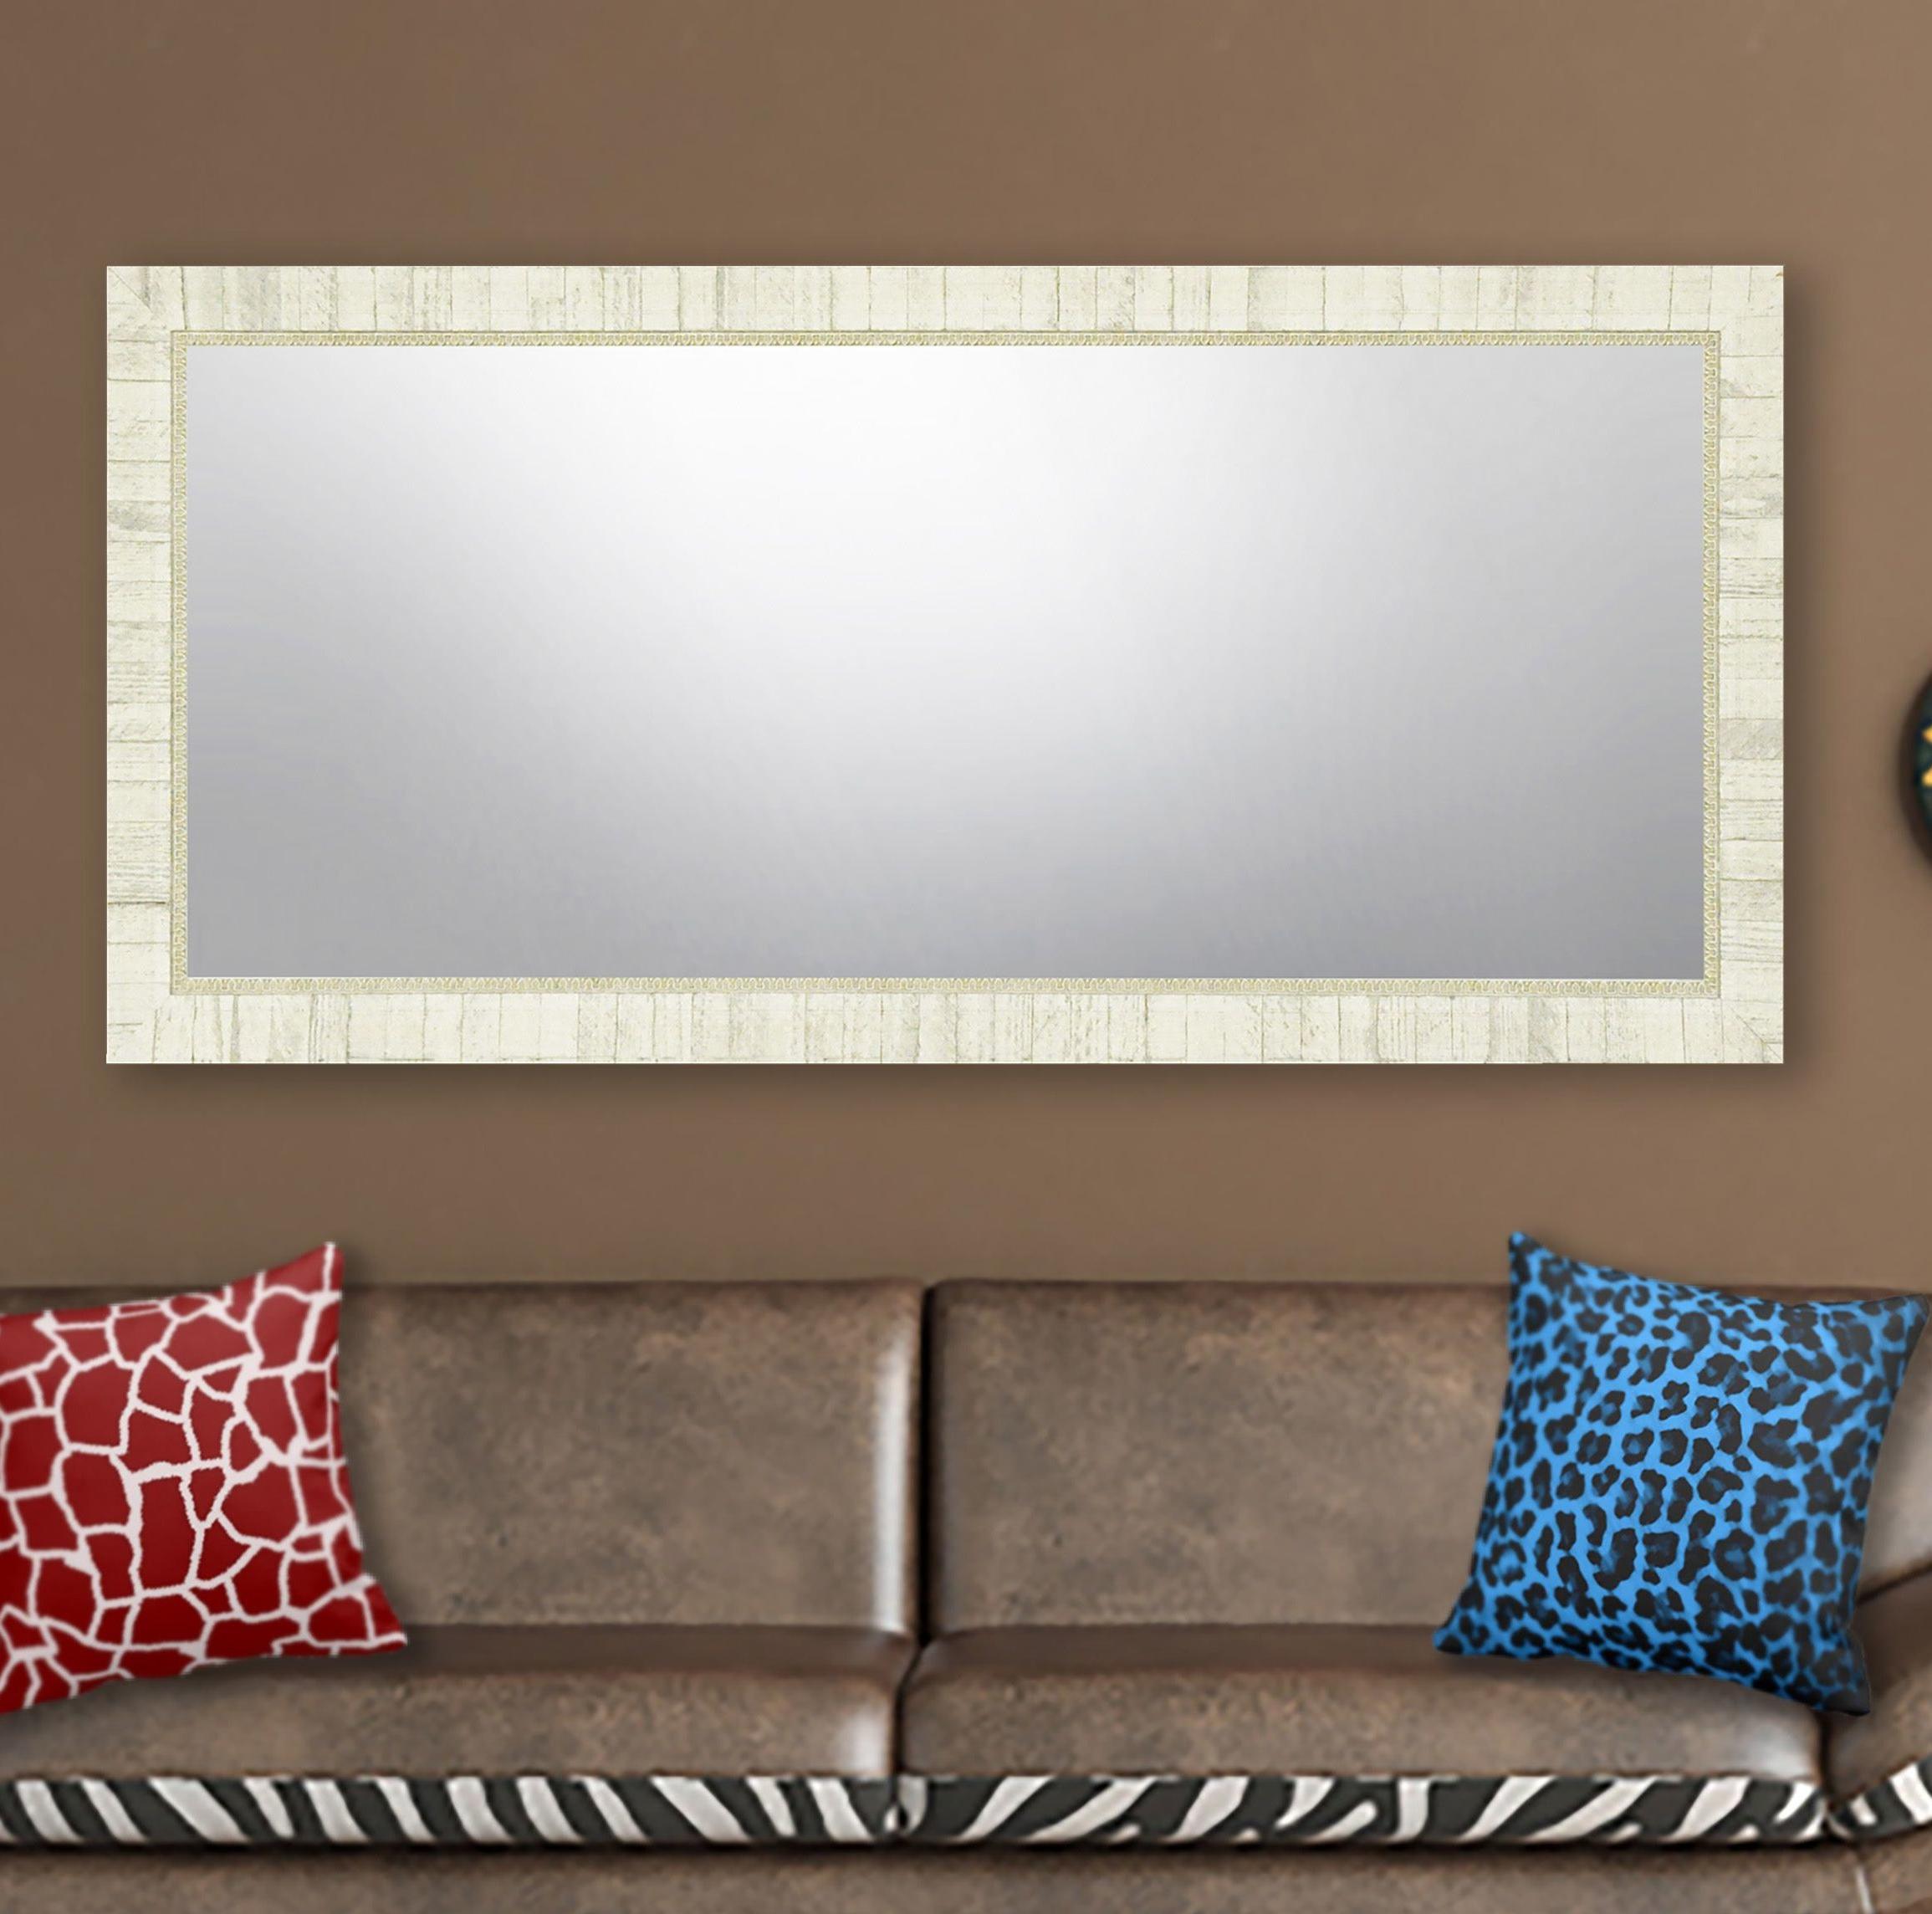 Trendy Landover Rustic Distressed Bathroom/vanity Mirrors In Distressed Bathroom Vanity Mirror – Home Decor Photos Gallery (View 6 of 20)